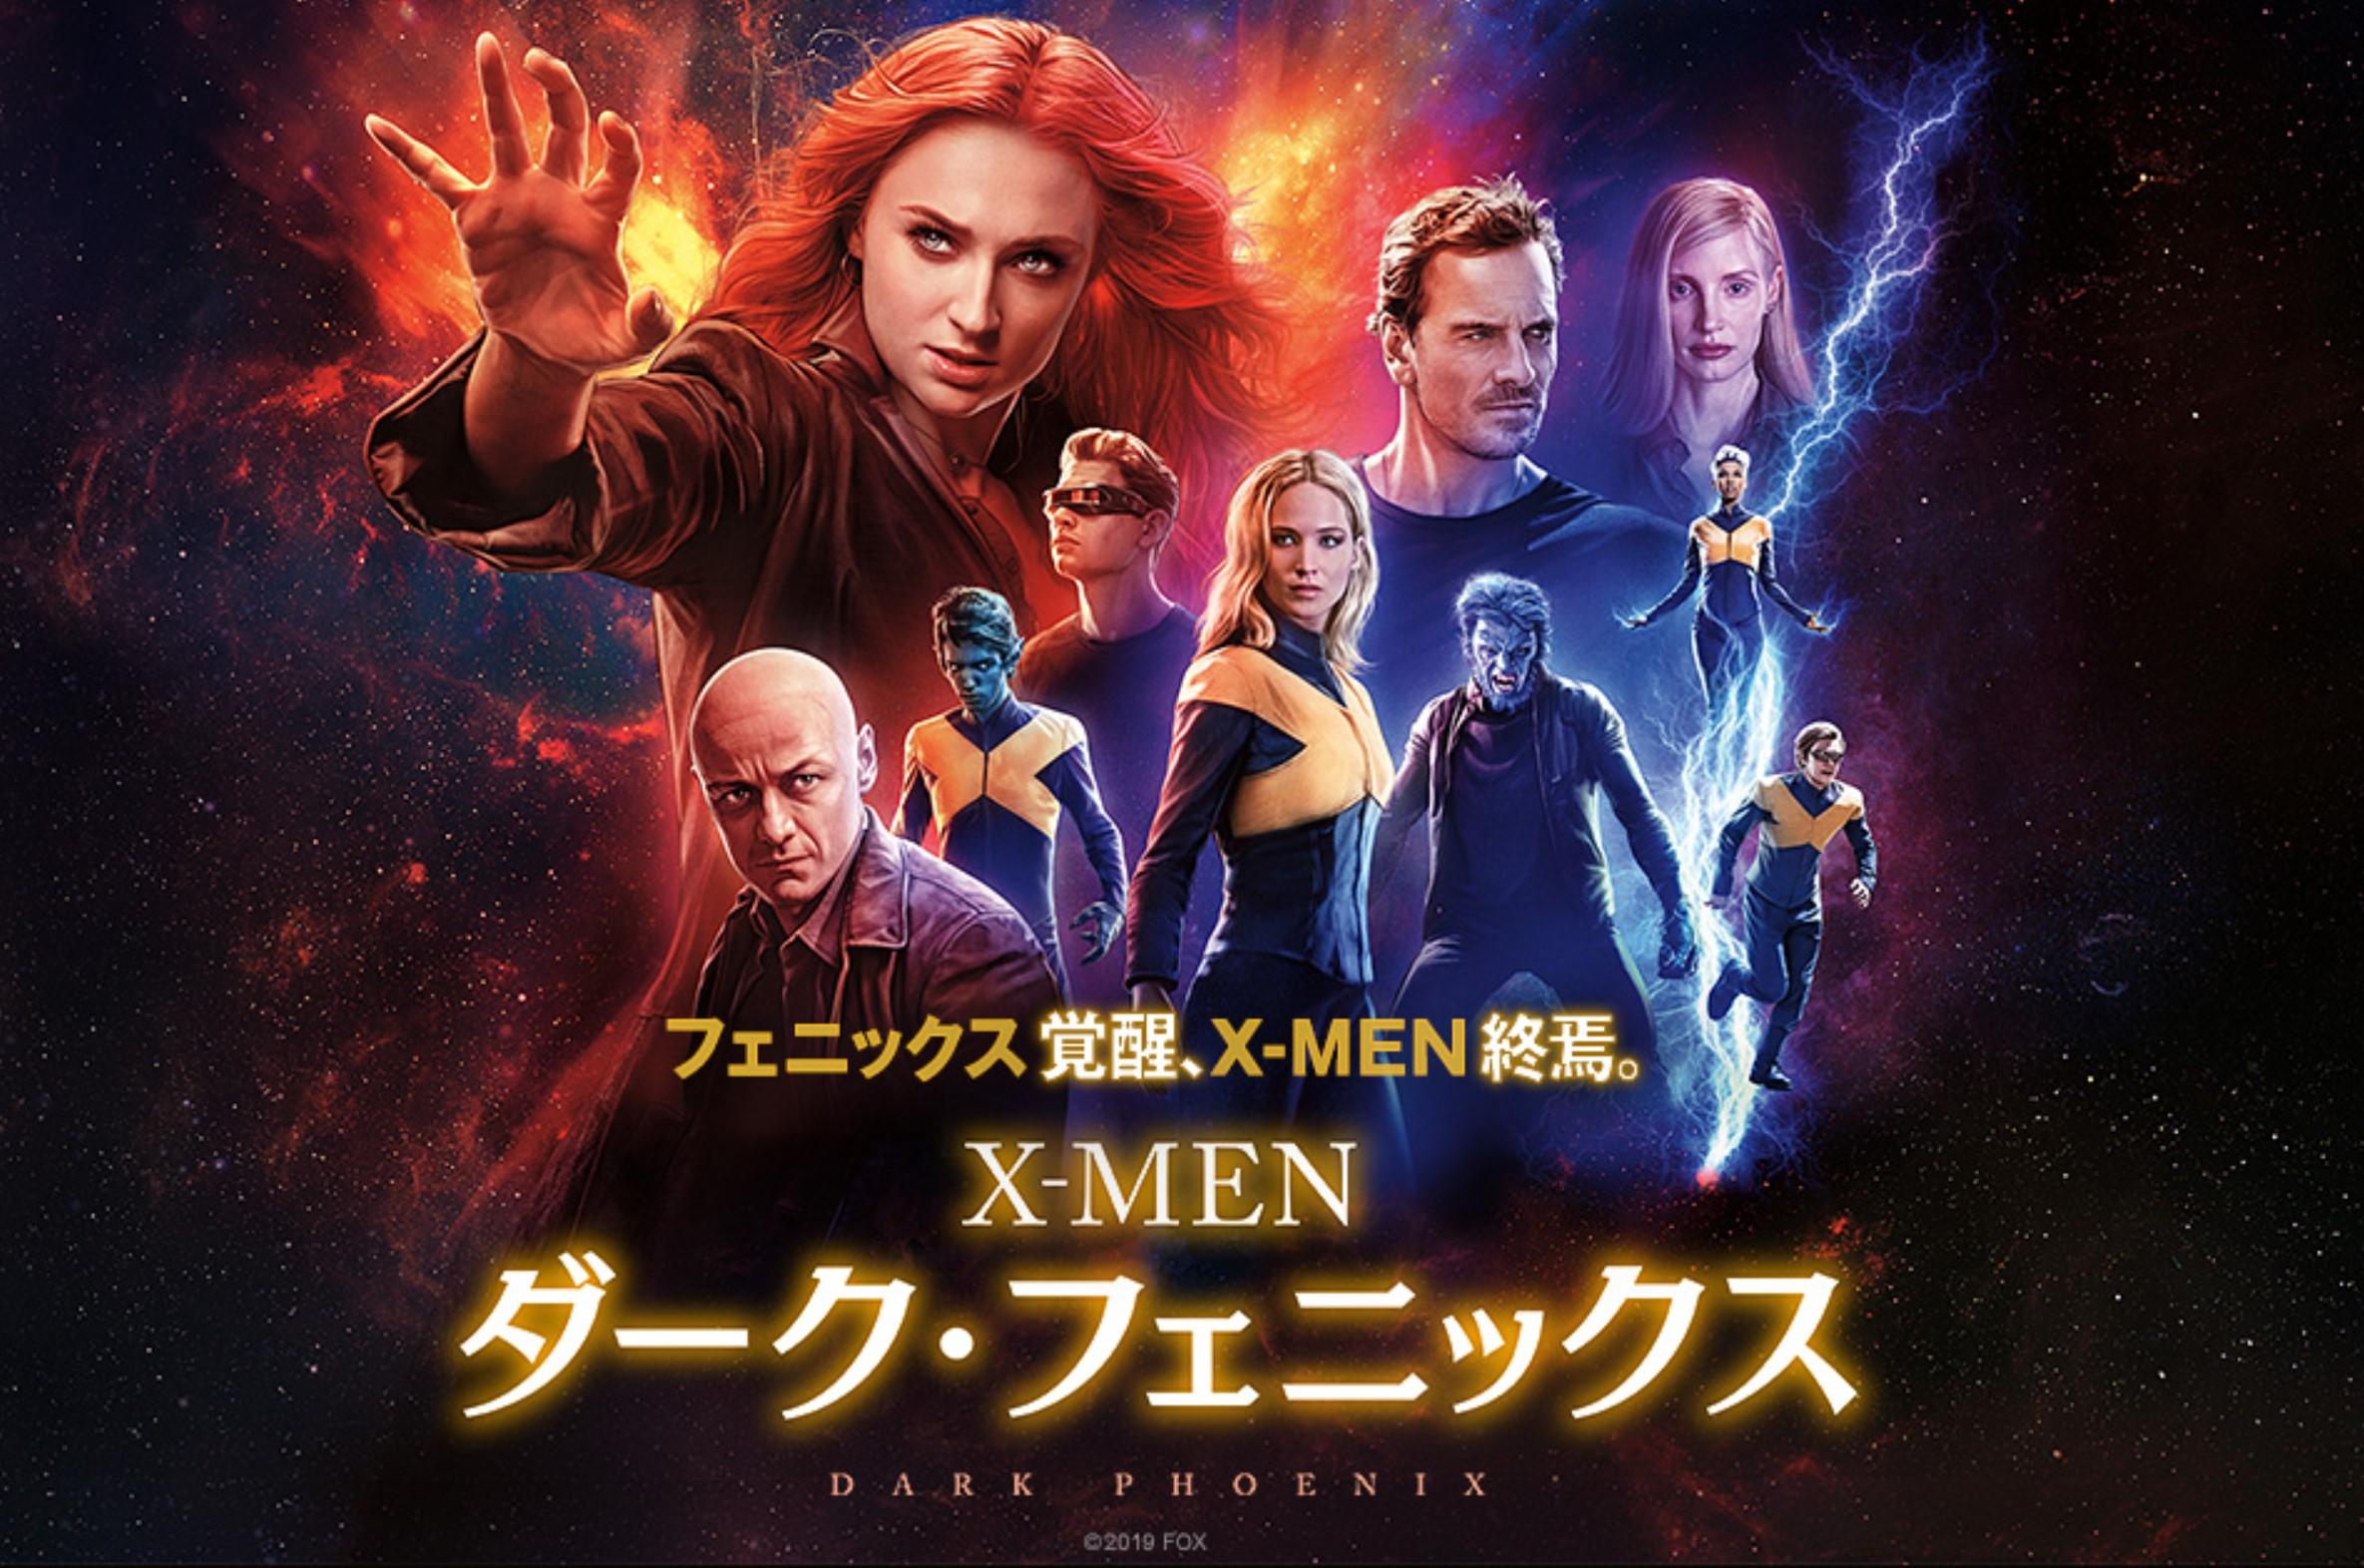 ダークフェニックス動画無料フル配信を吹き替え視聴する方法!X-MEN最新作感想レビューまとめ